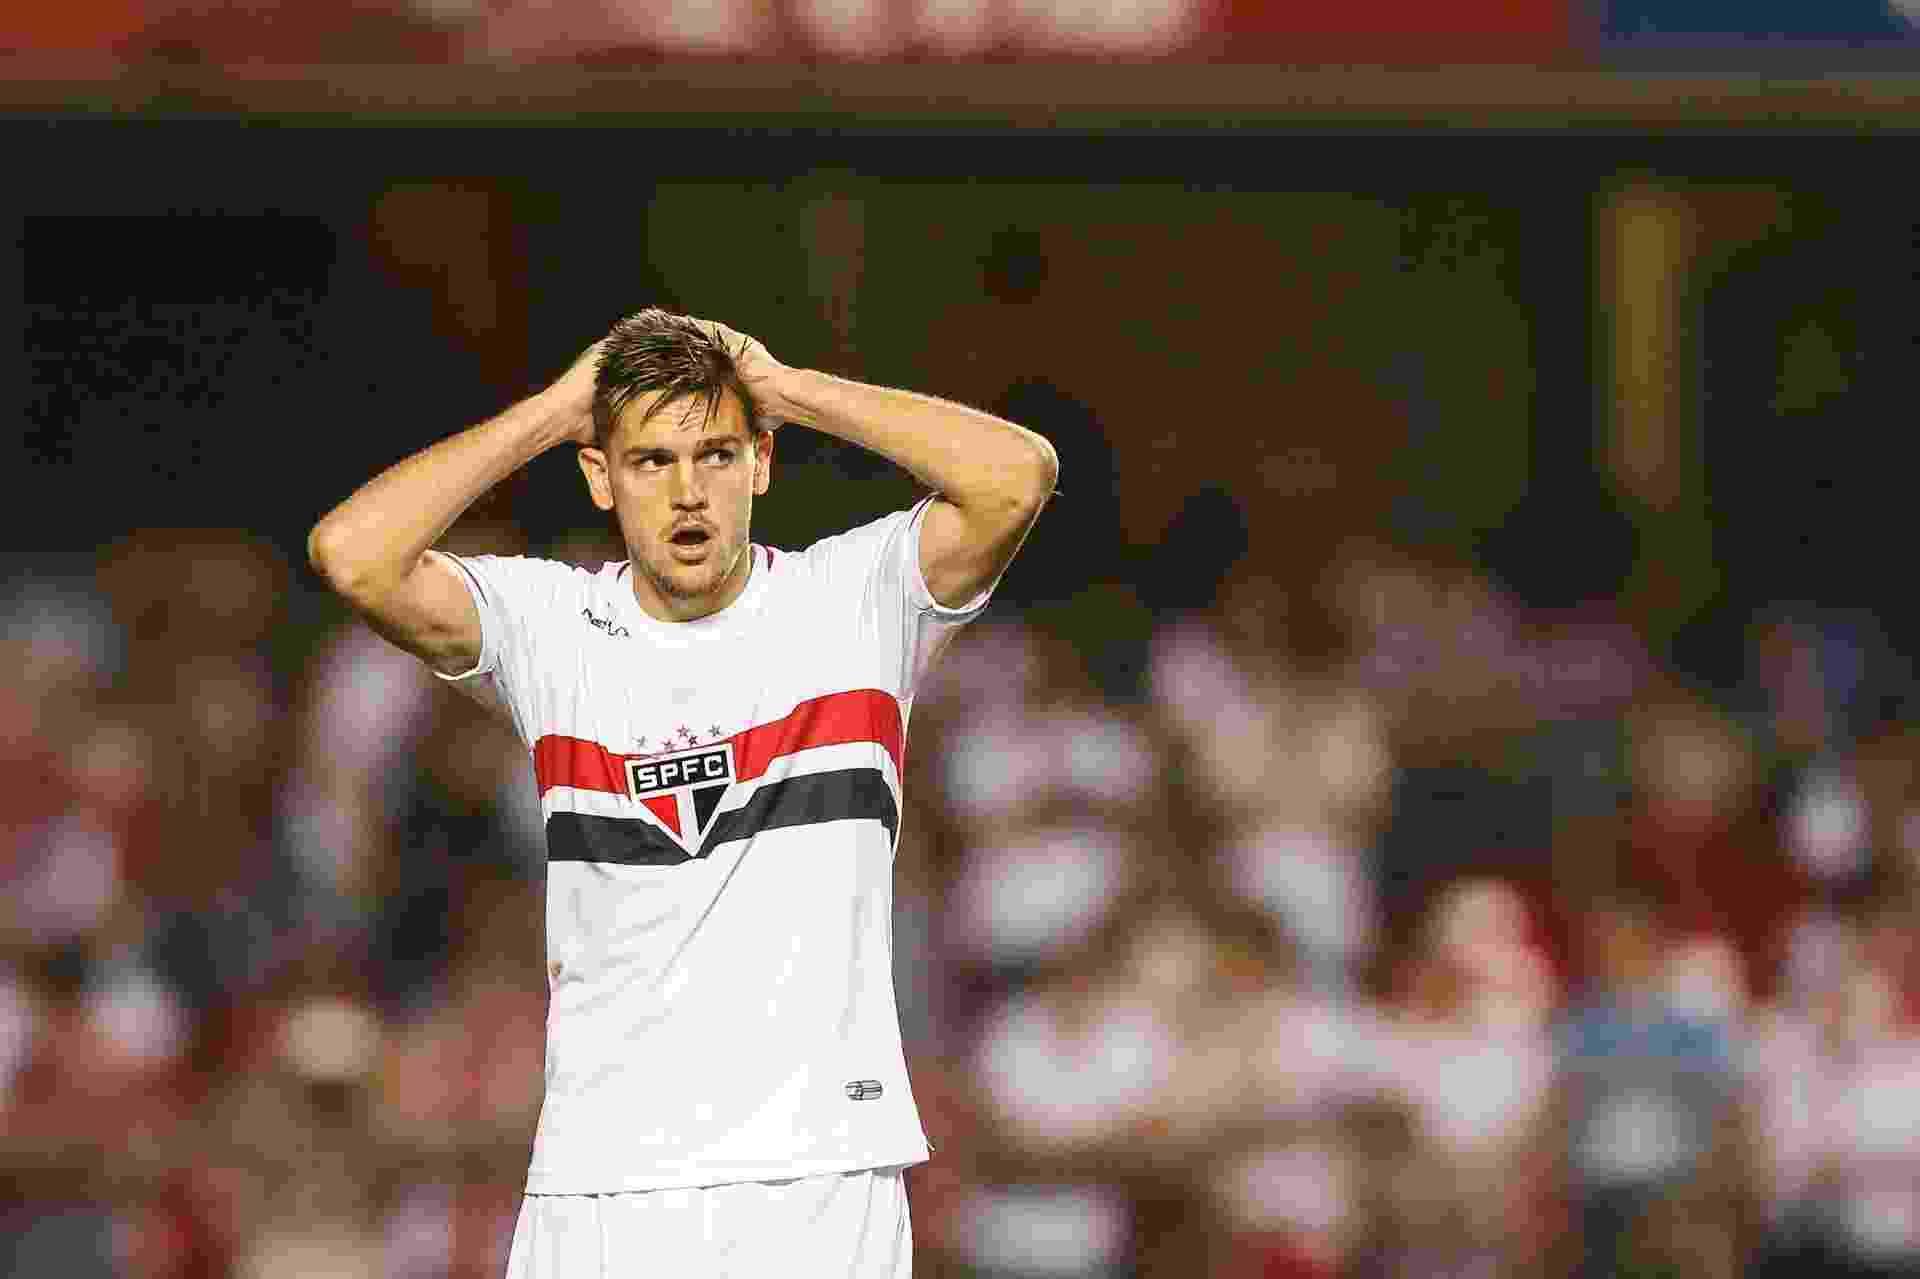 Rafael Toloi foi vendido à Atalanta por 3,5 milhões de euros (R$ 13,9 milhões). São Paulo embolsou R$ 3,5 milhões - Julia Chequer/Folhapress